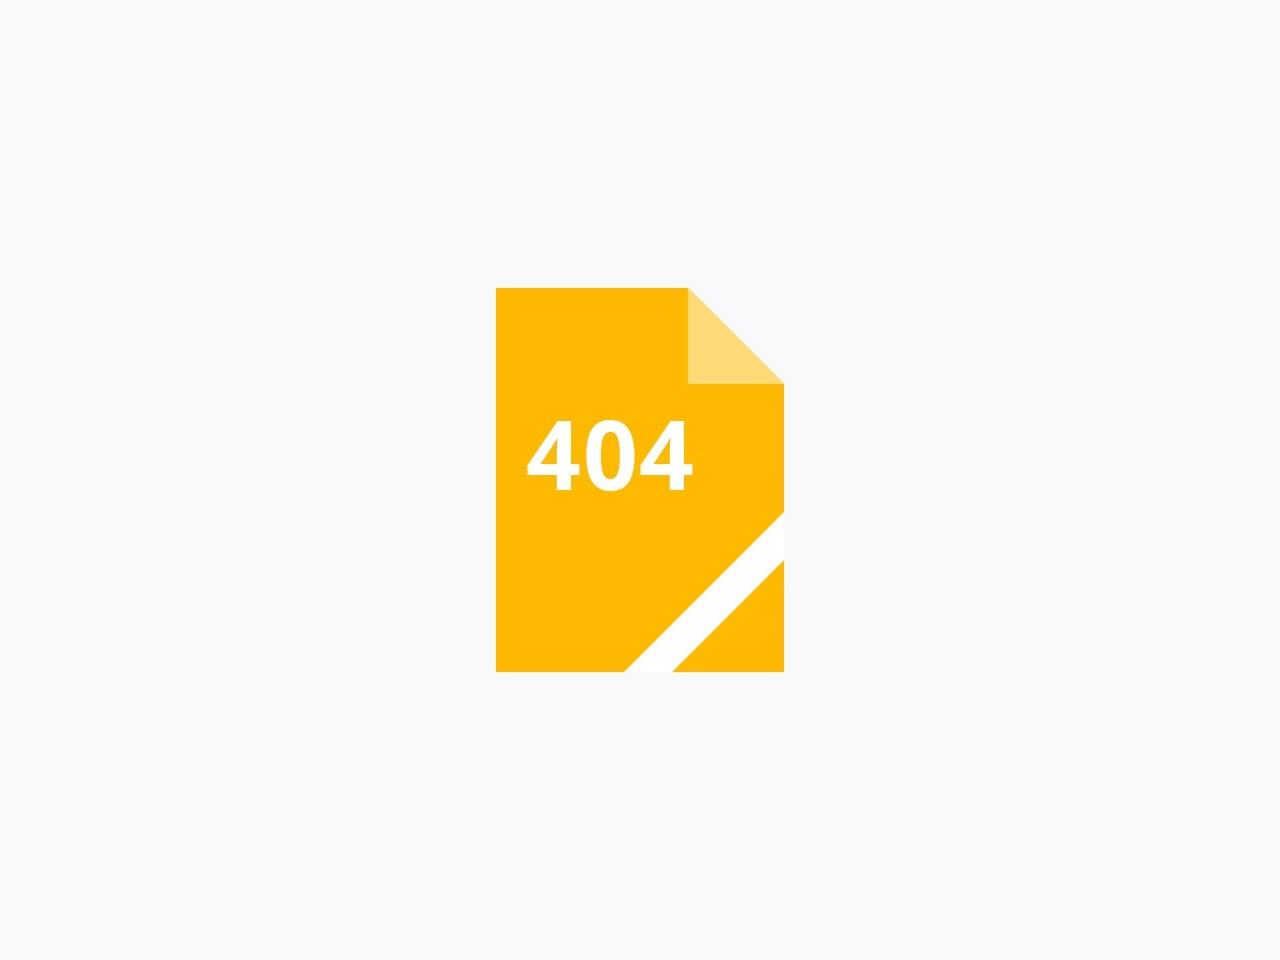 http://blogs.yahoo.co.jp/dxyjq925